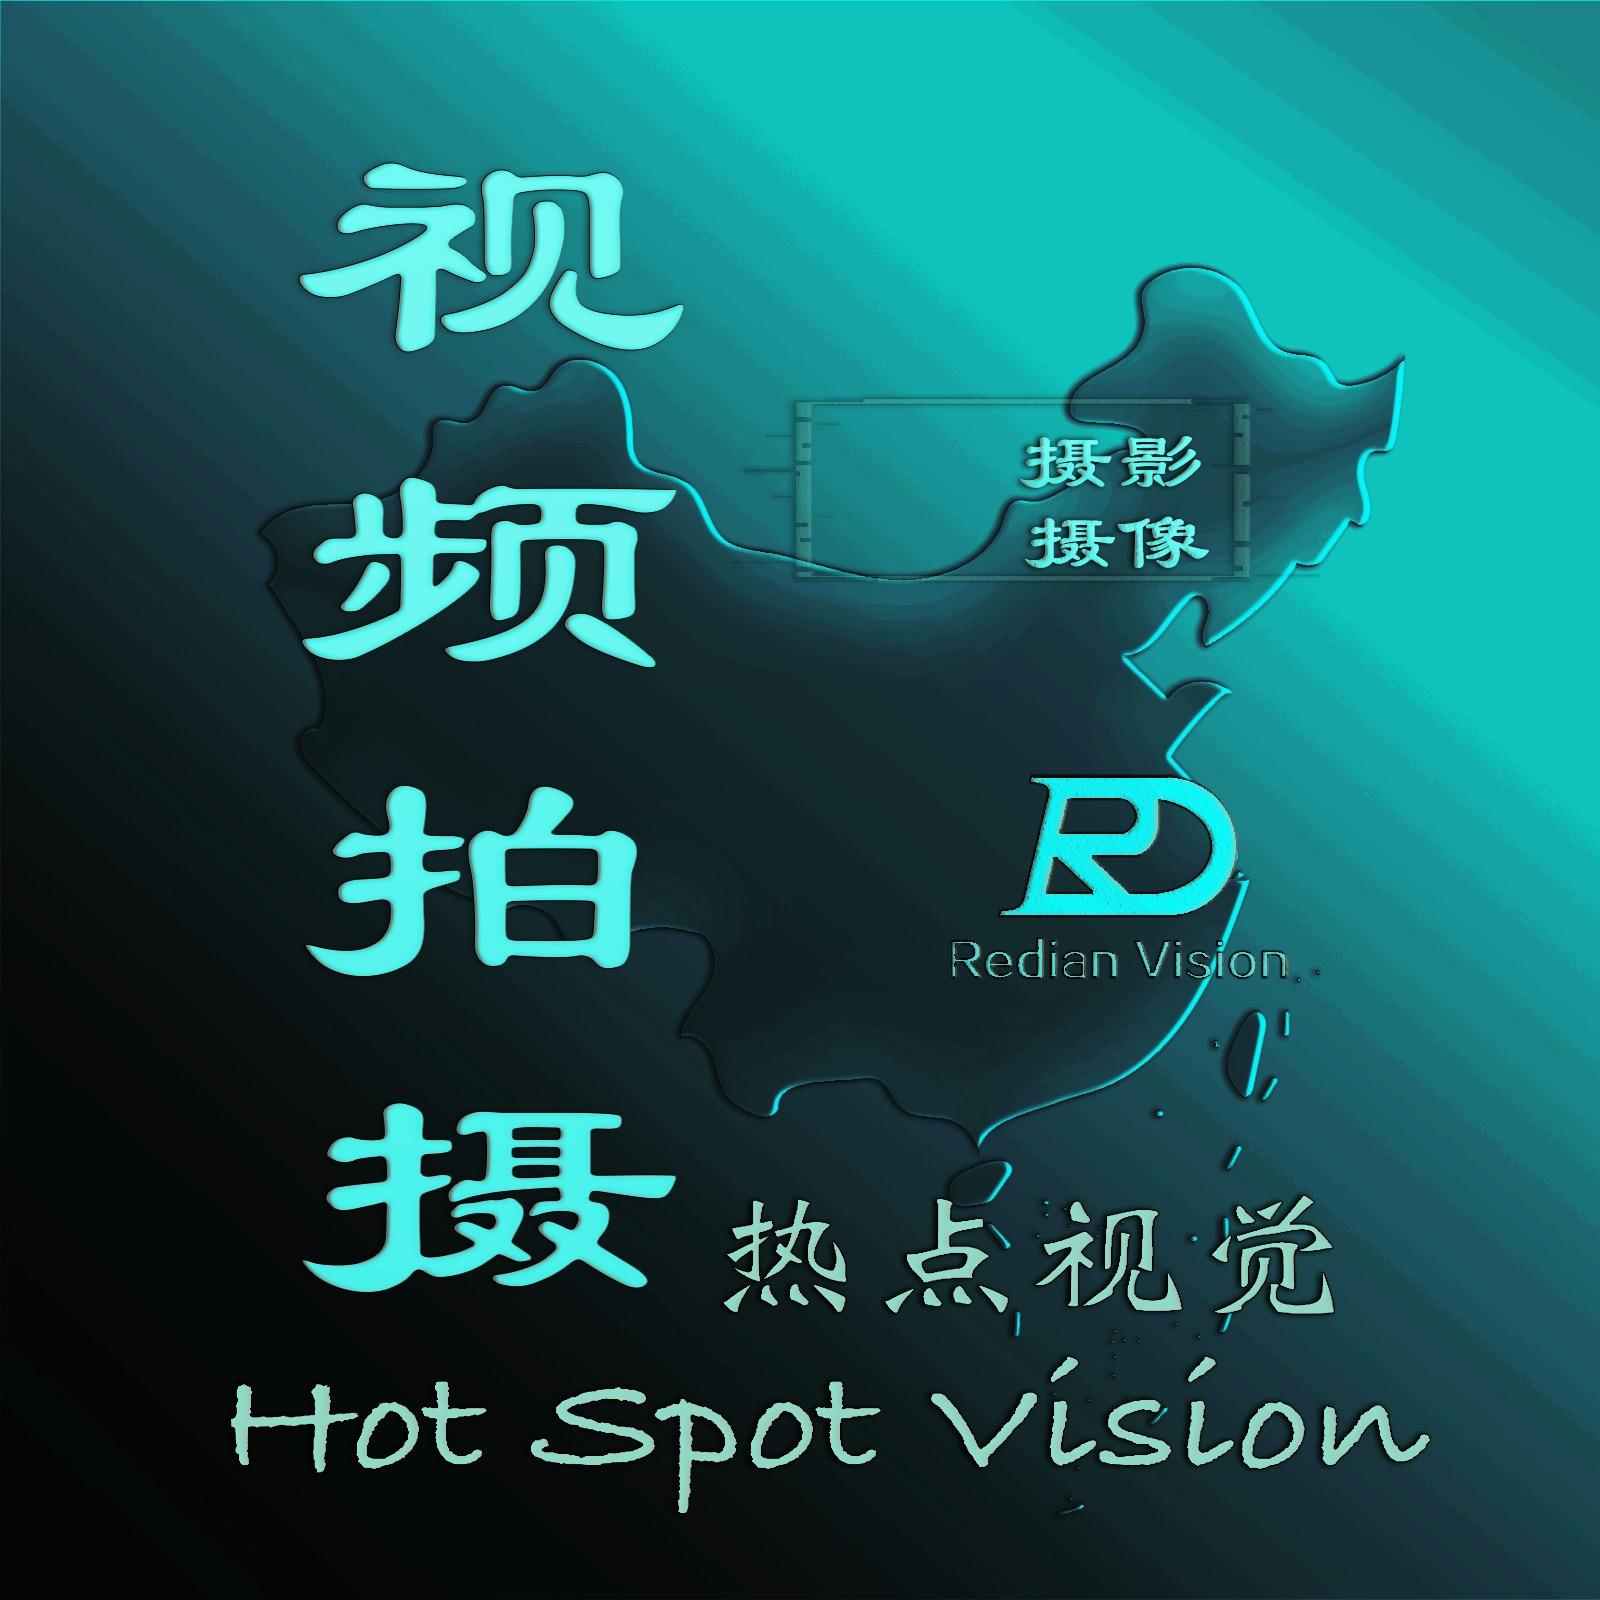 北京热点视觉影视拍摄会议婚礼跟拍视频制作课件活动摄影摄影服务